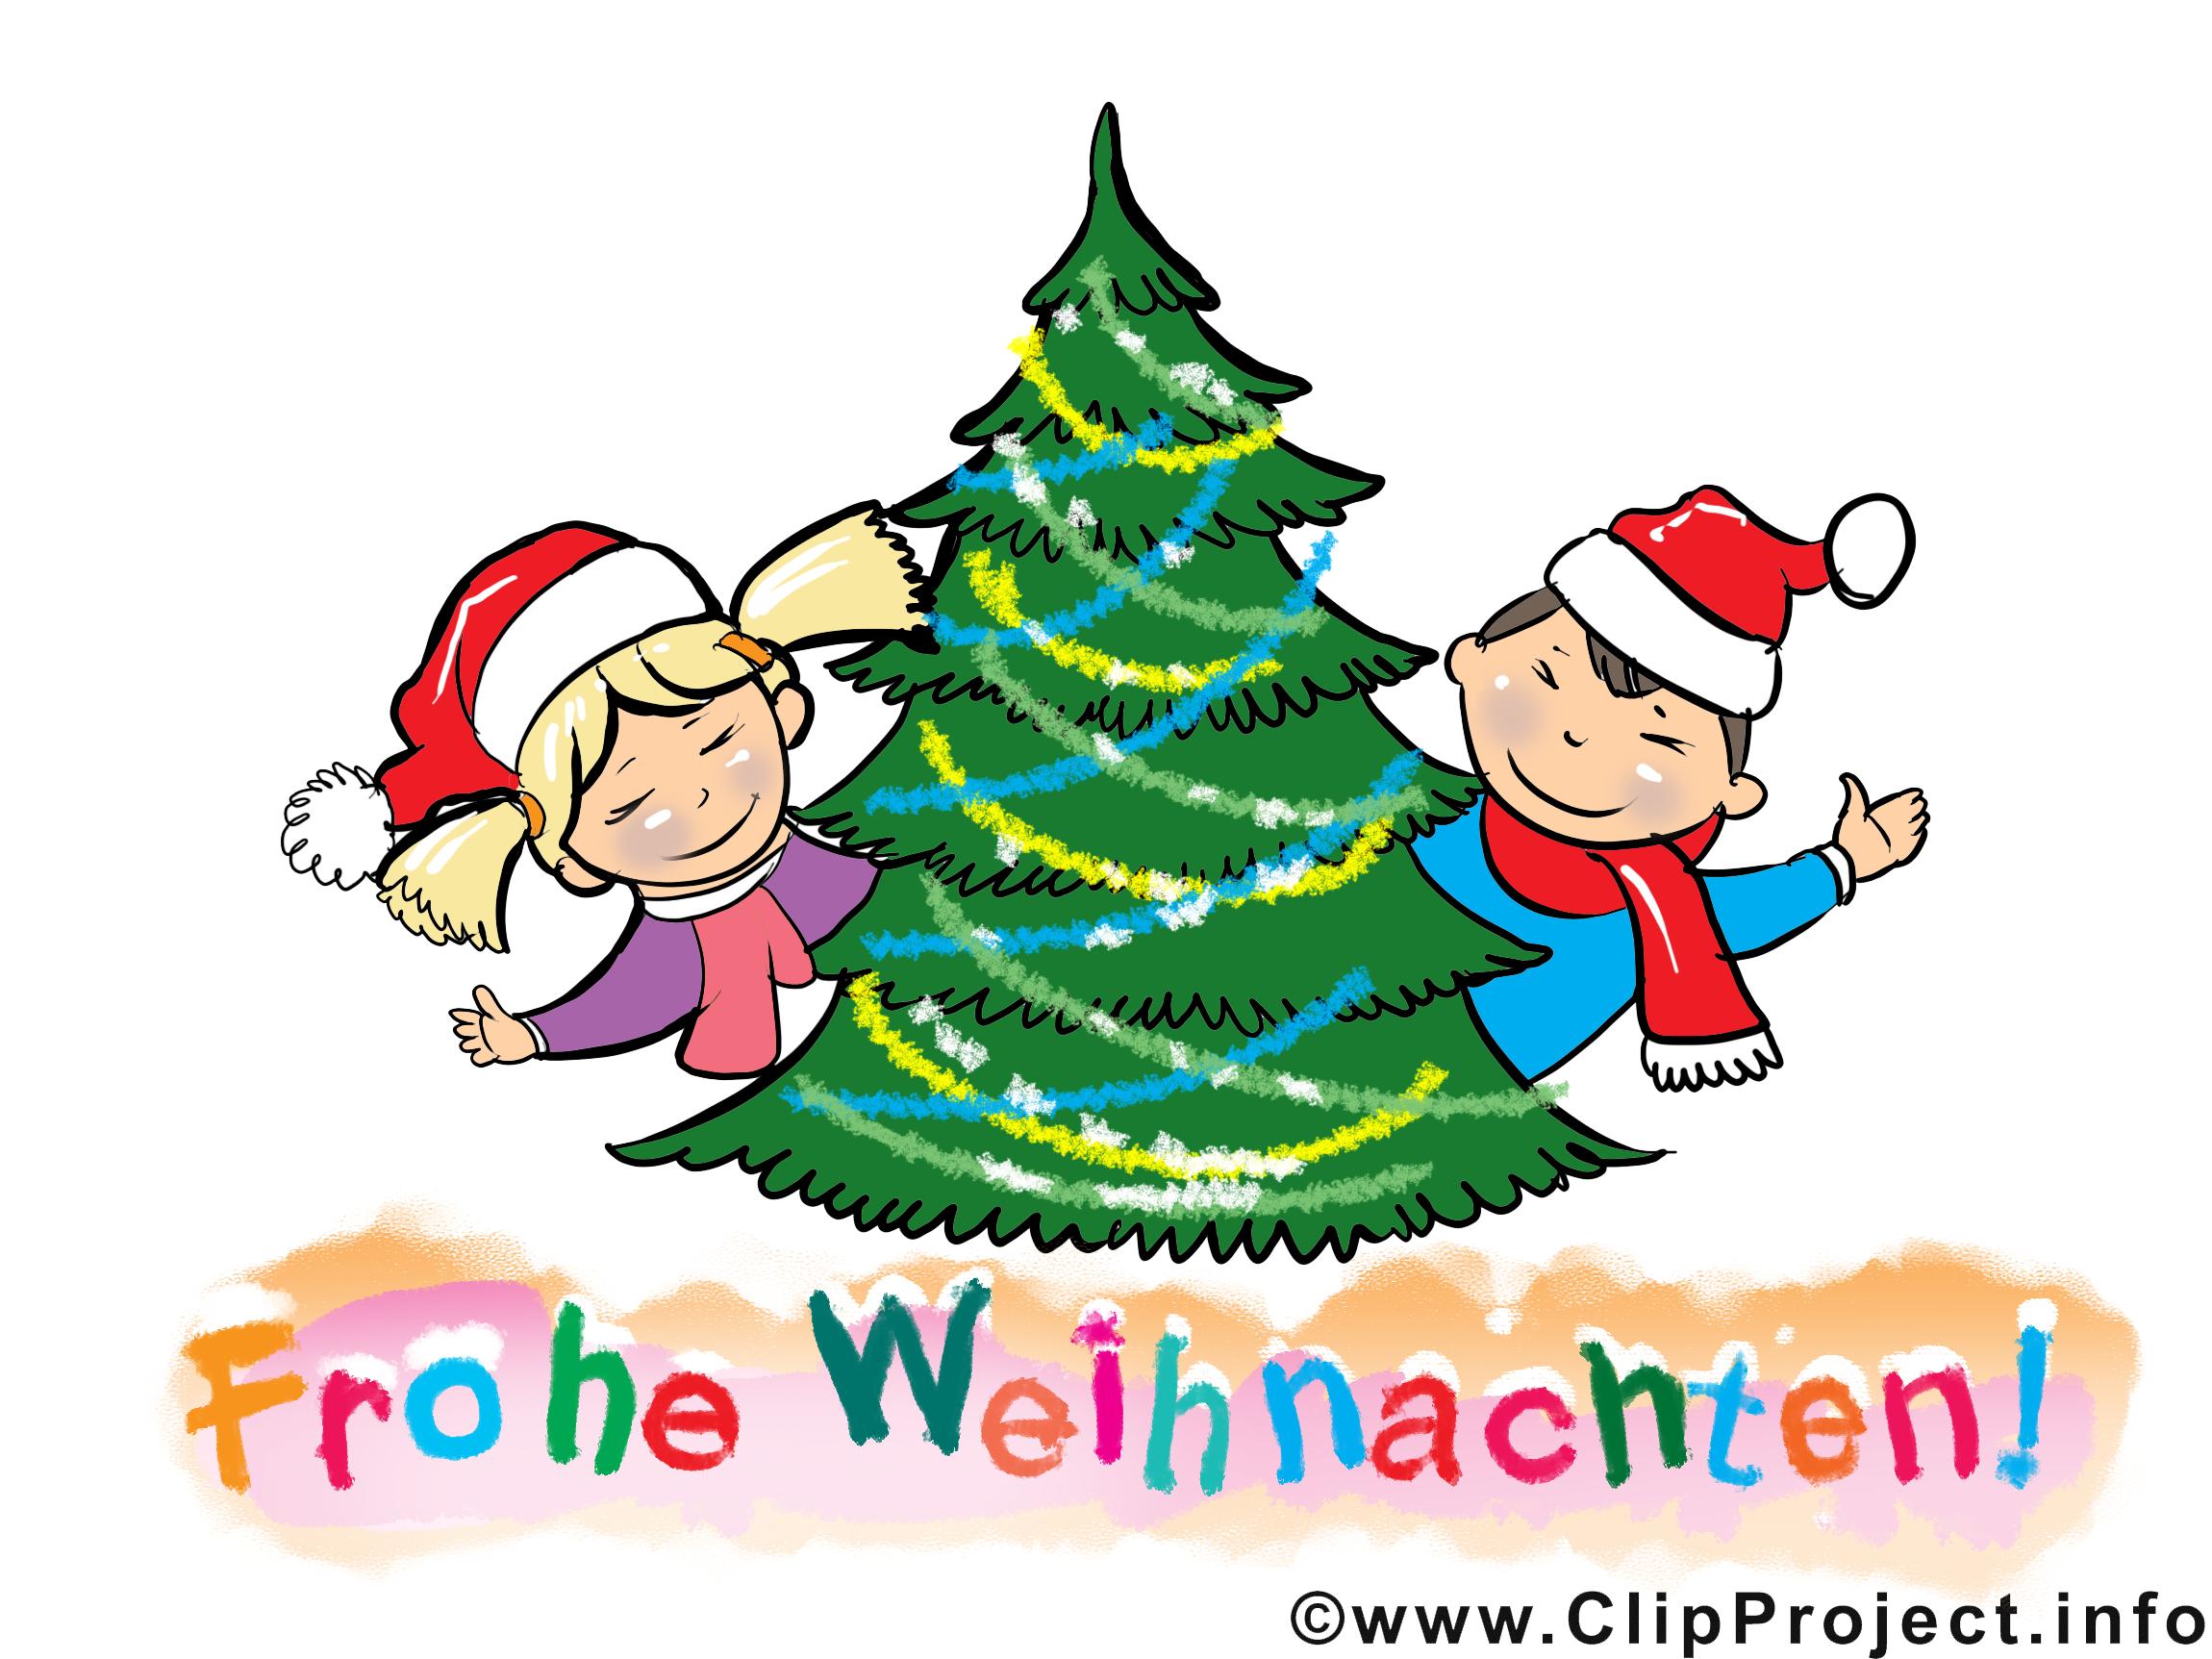 Weihnachten Bilder Kostenlos Download verwandt mit Cliparts Weihnachtsmotive Kostenlos